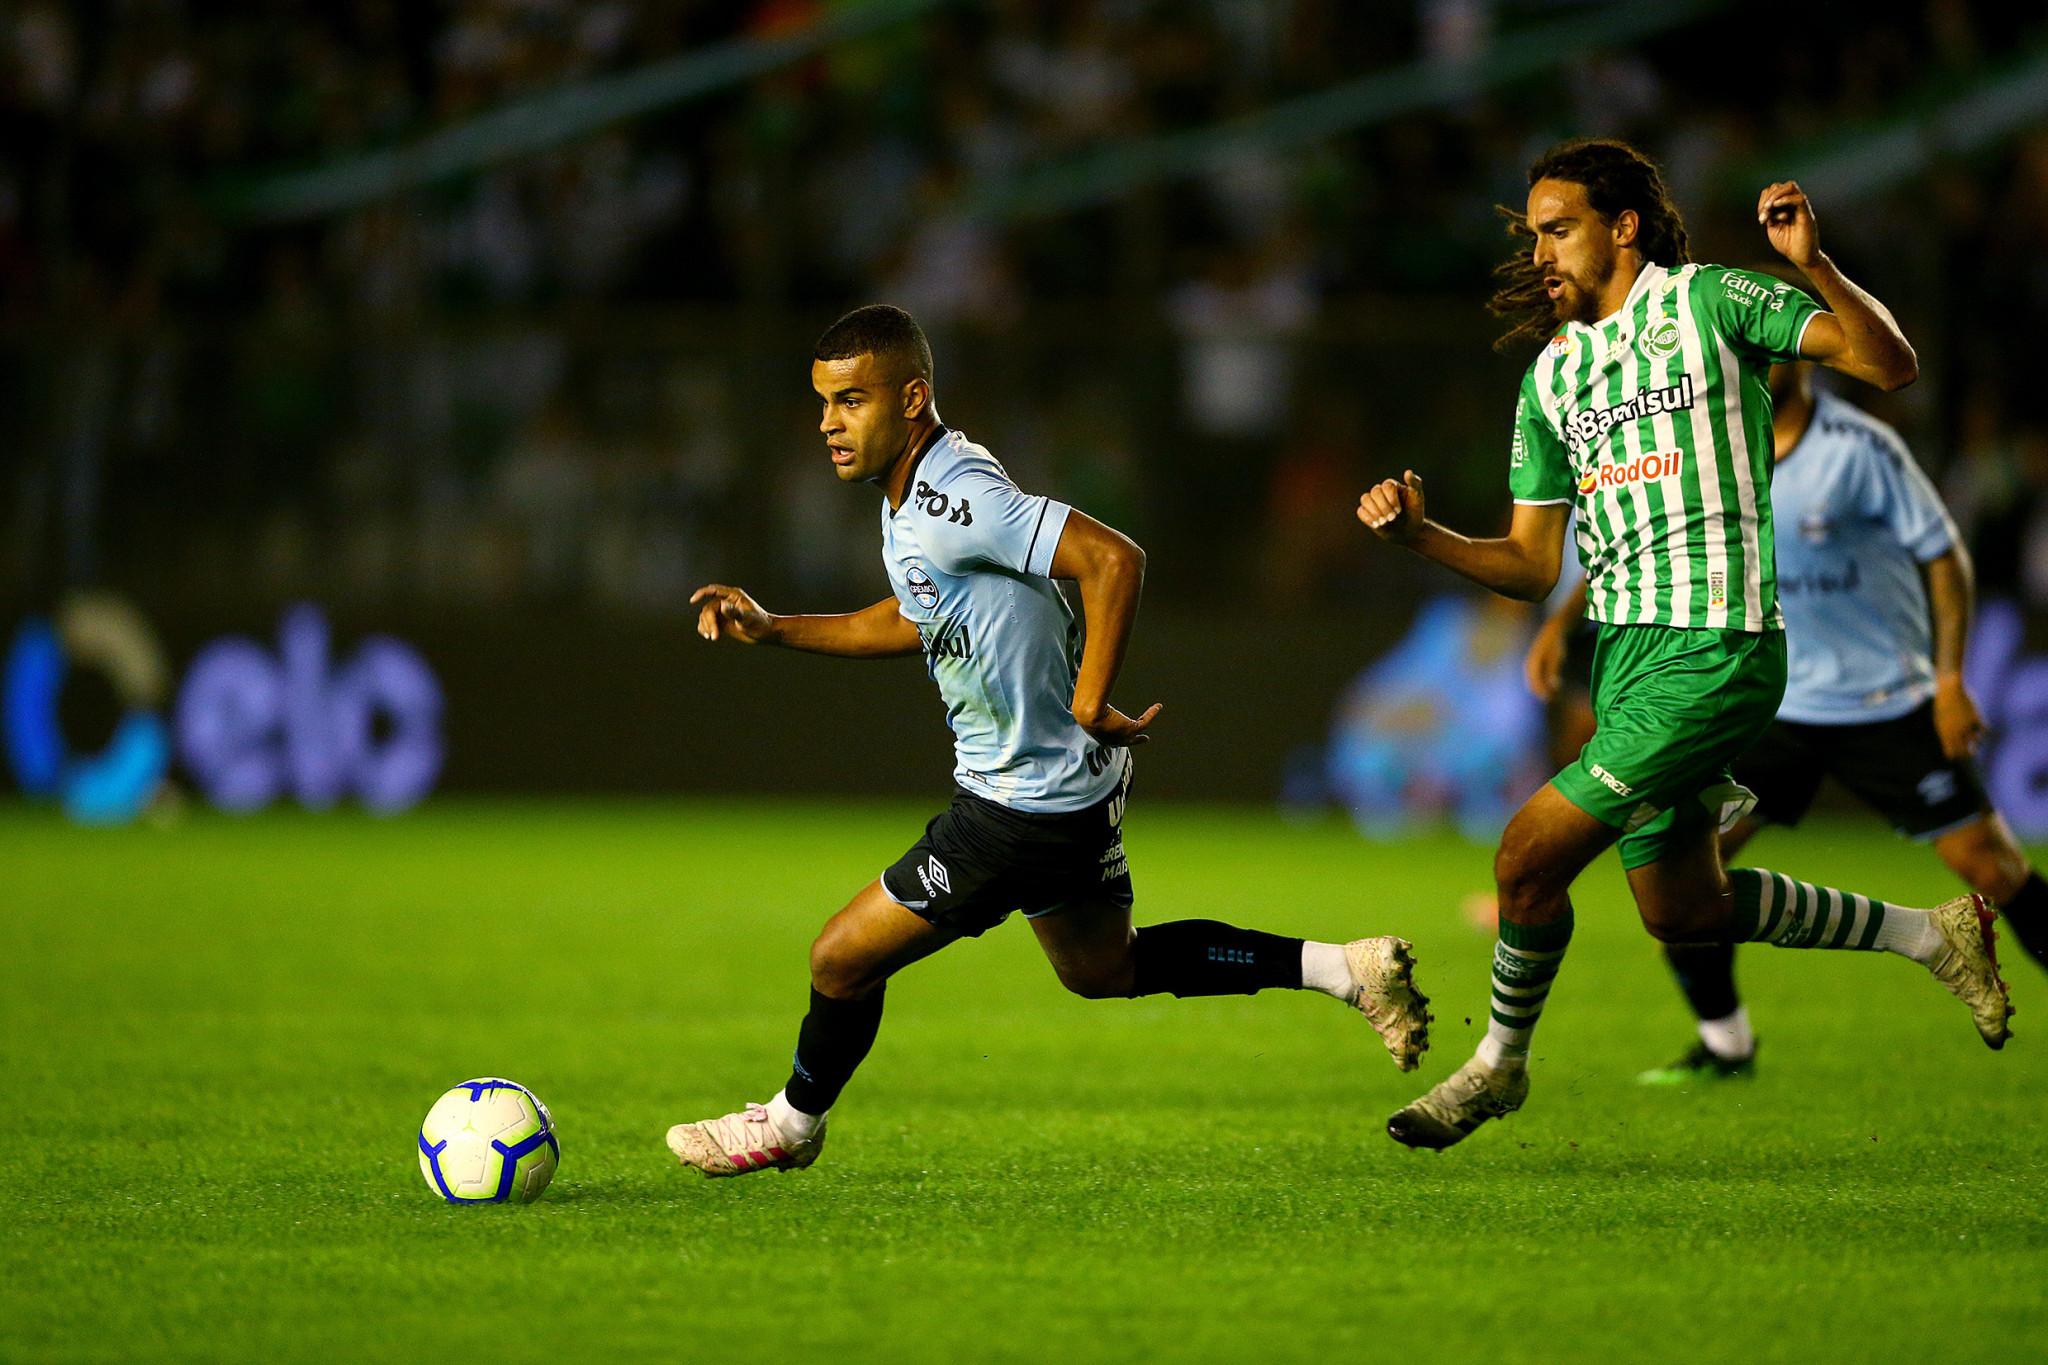 lg-noticias-gra-mio-empata-sem-gols-com-o-juventude--no-jogo-de-ida-das-oitavas-de-final-da-copa-do-brasil-23698